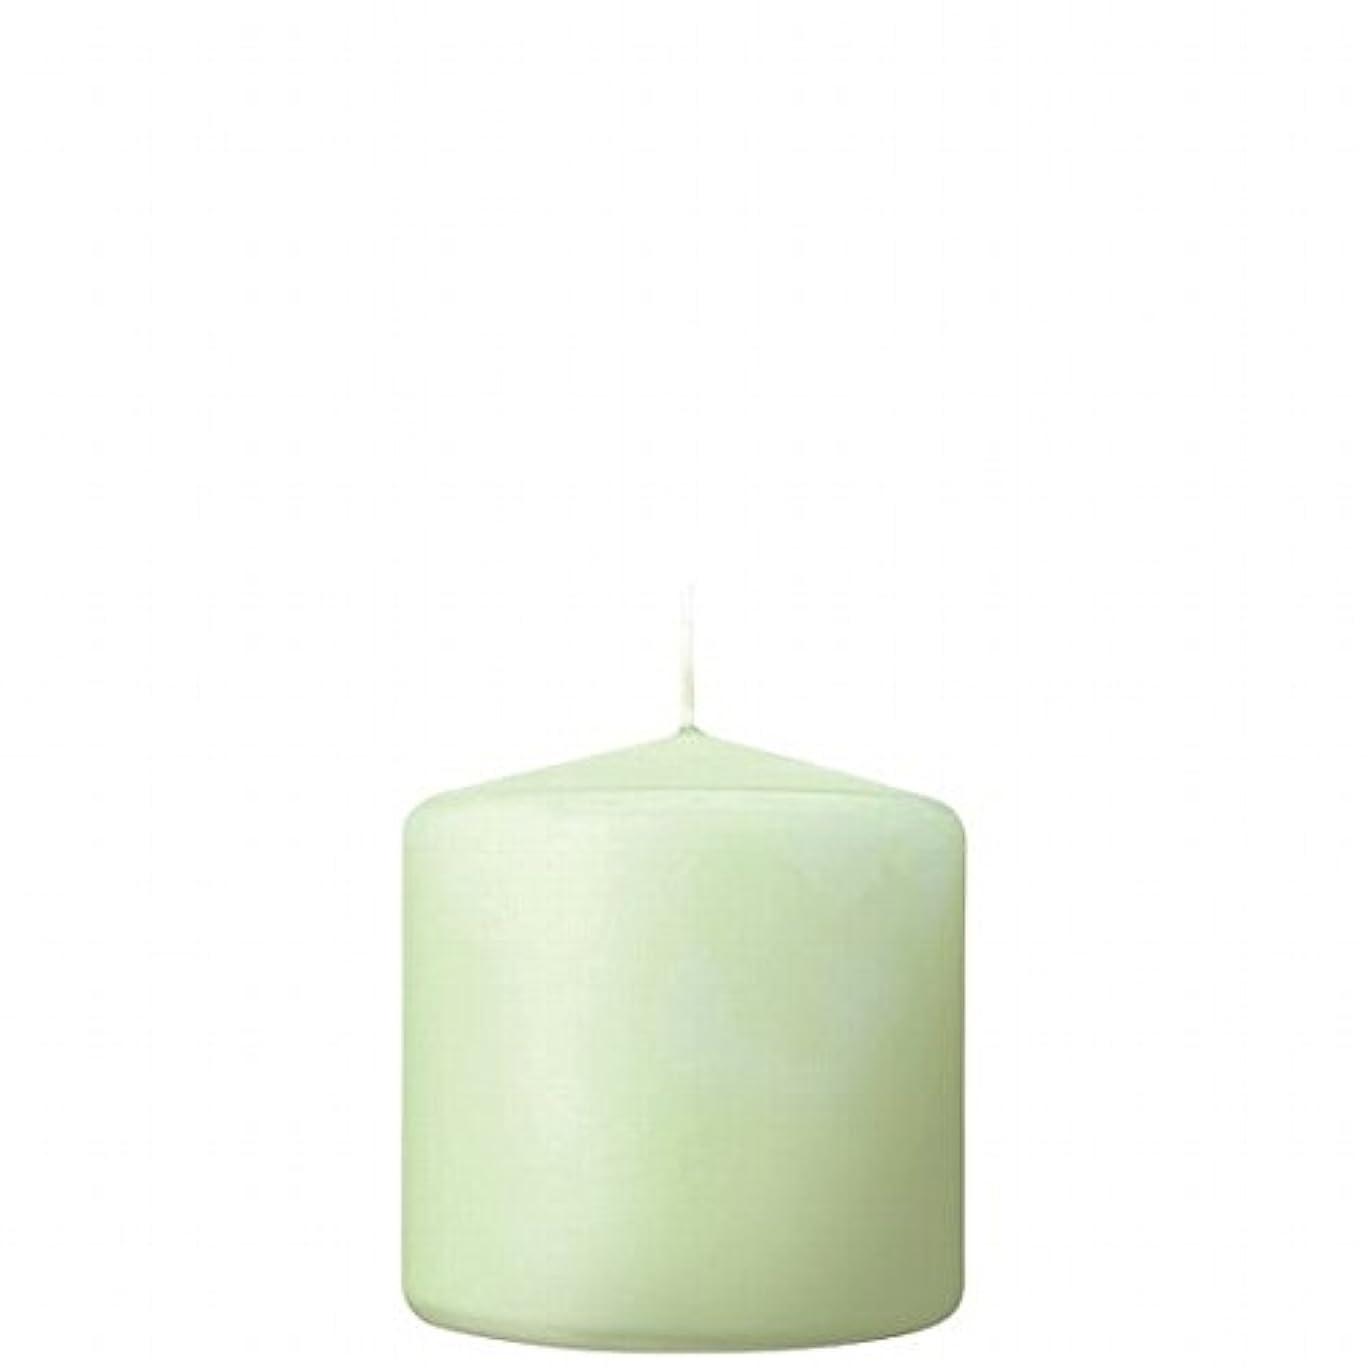 割合配管放散するカメヤマキャンドル( kameyama candle ) 3×3ベルトップピラーキャンドル 「 ホワイトグリーン 」